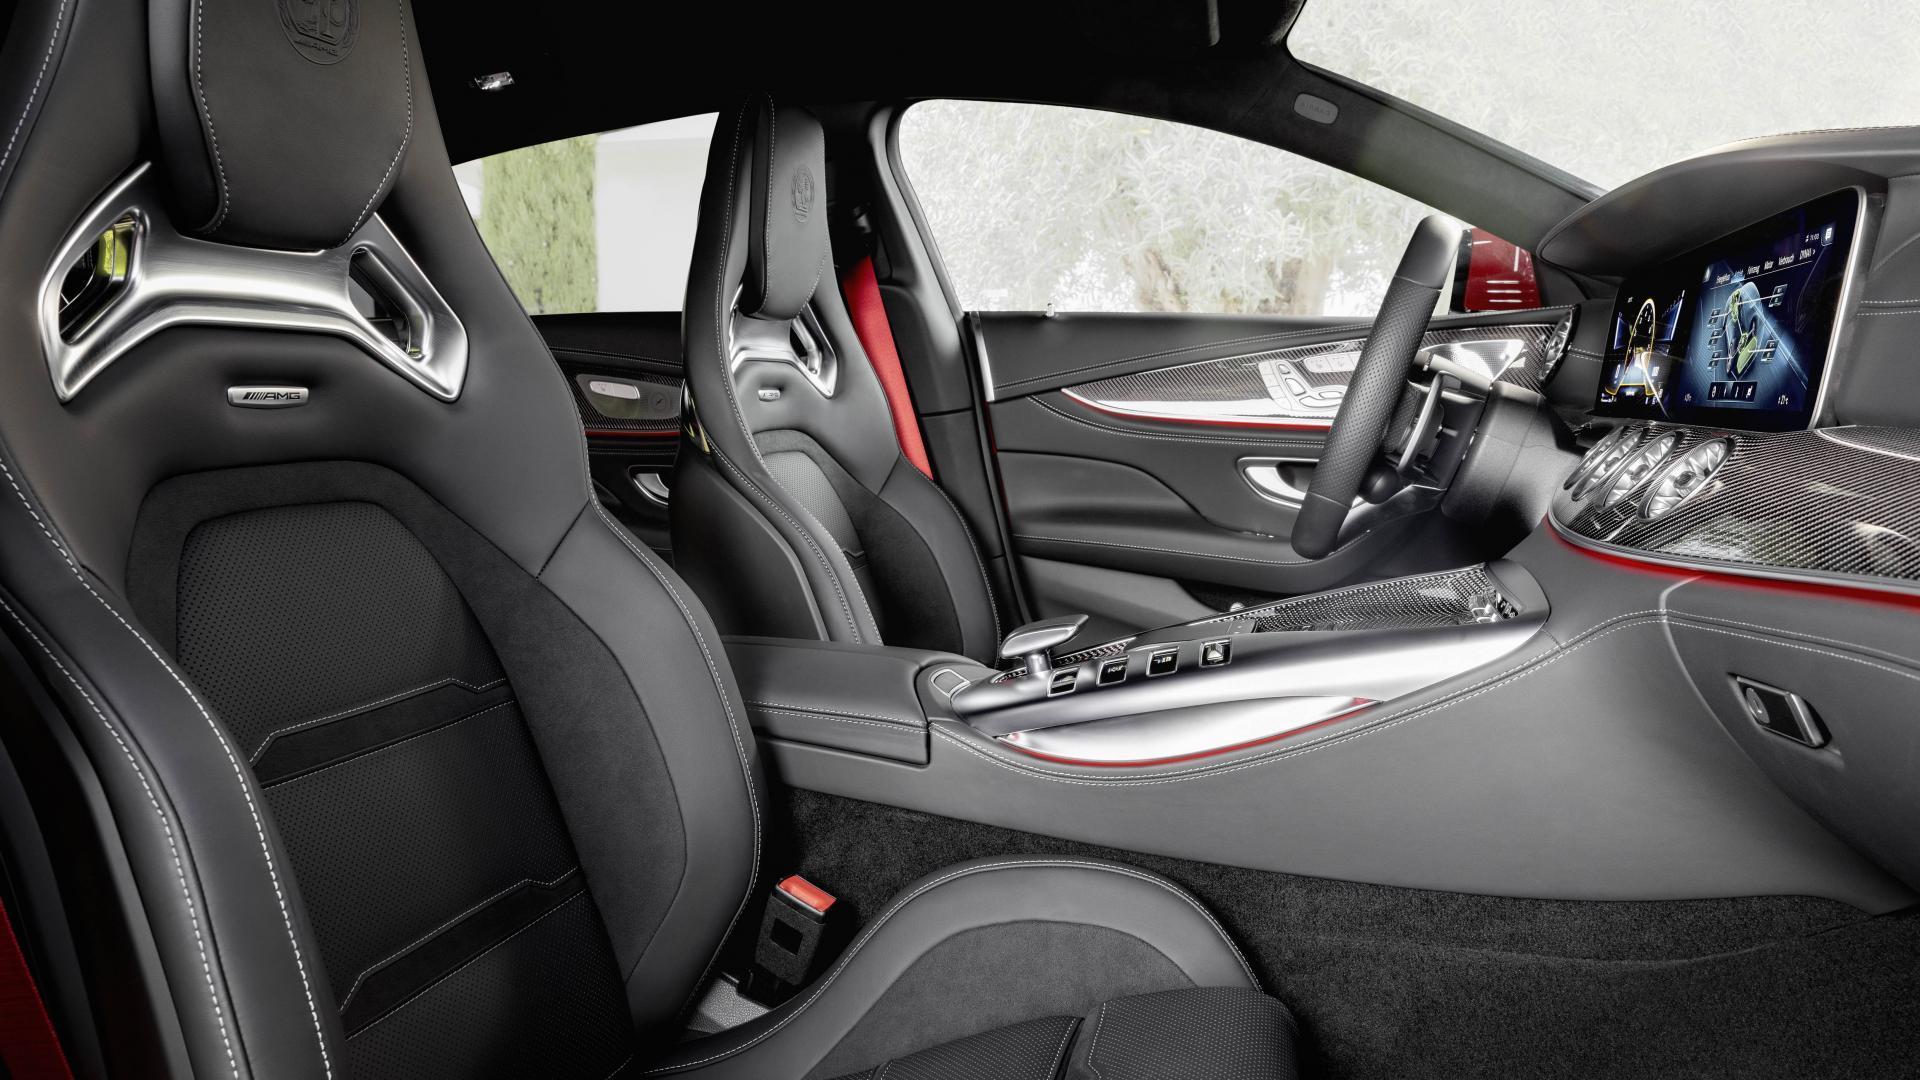 SToelen Mercedes-AMG GT 63 S E Performance